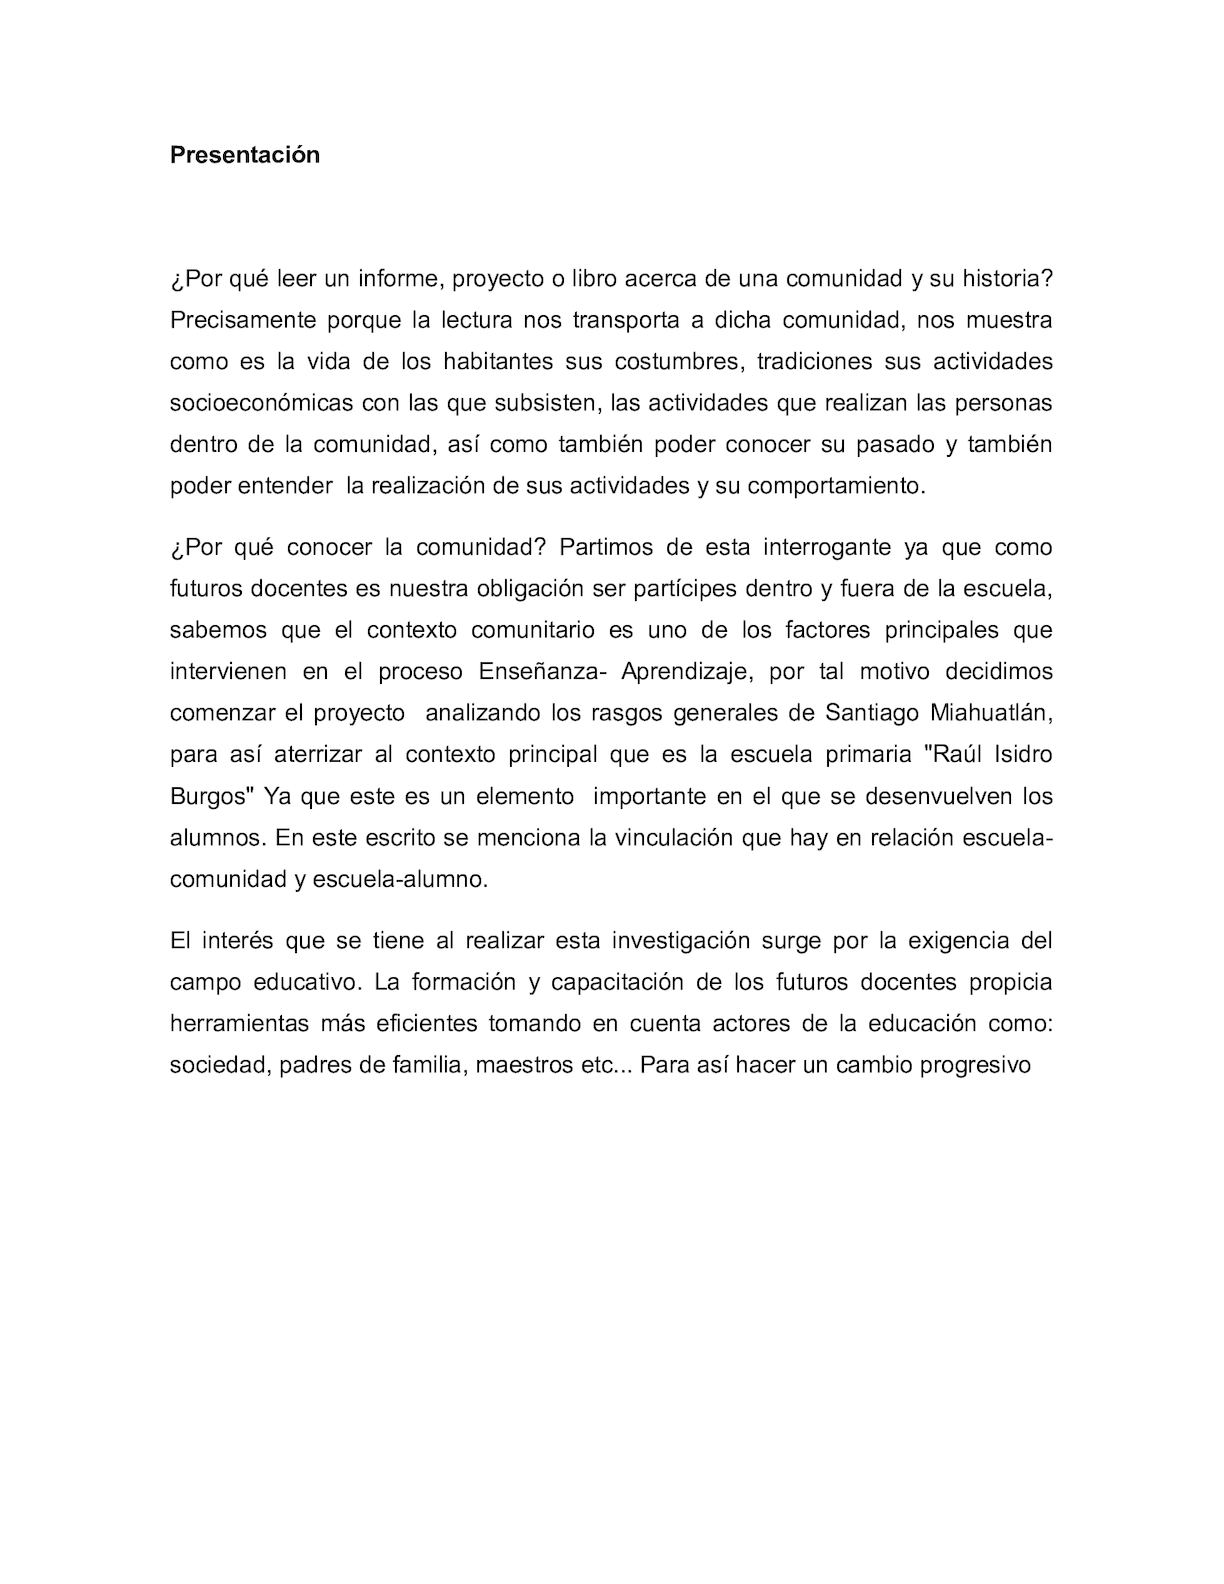 Calaméo - Proyecto Integrador Completo Docx2